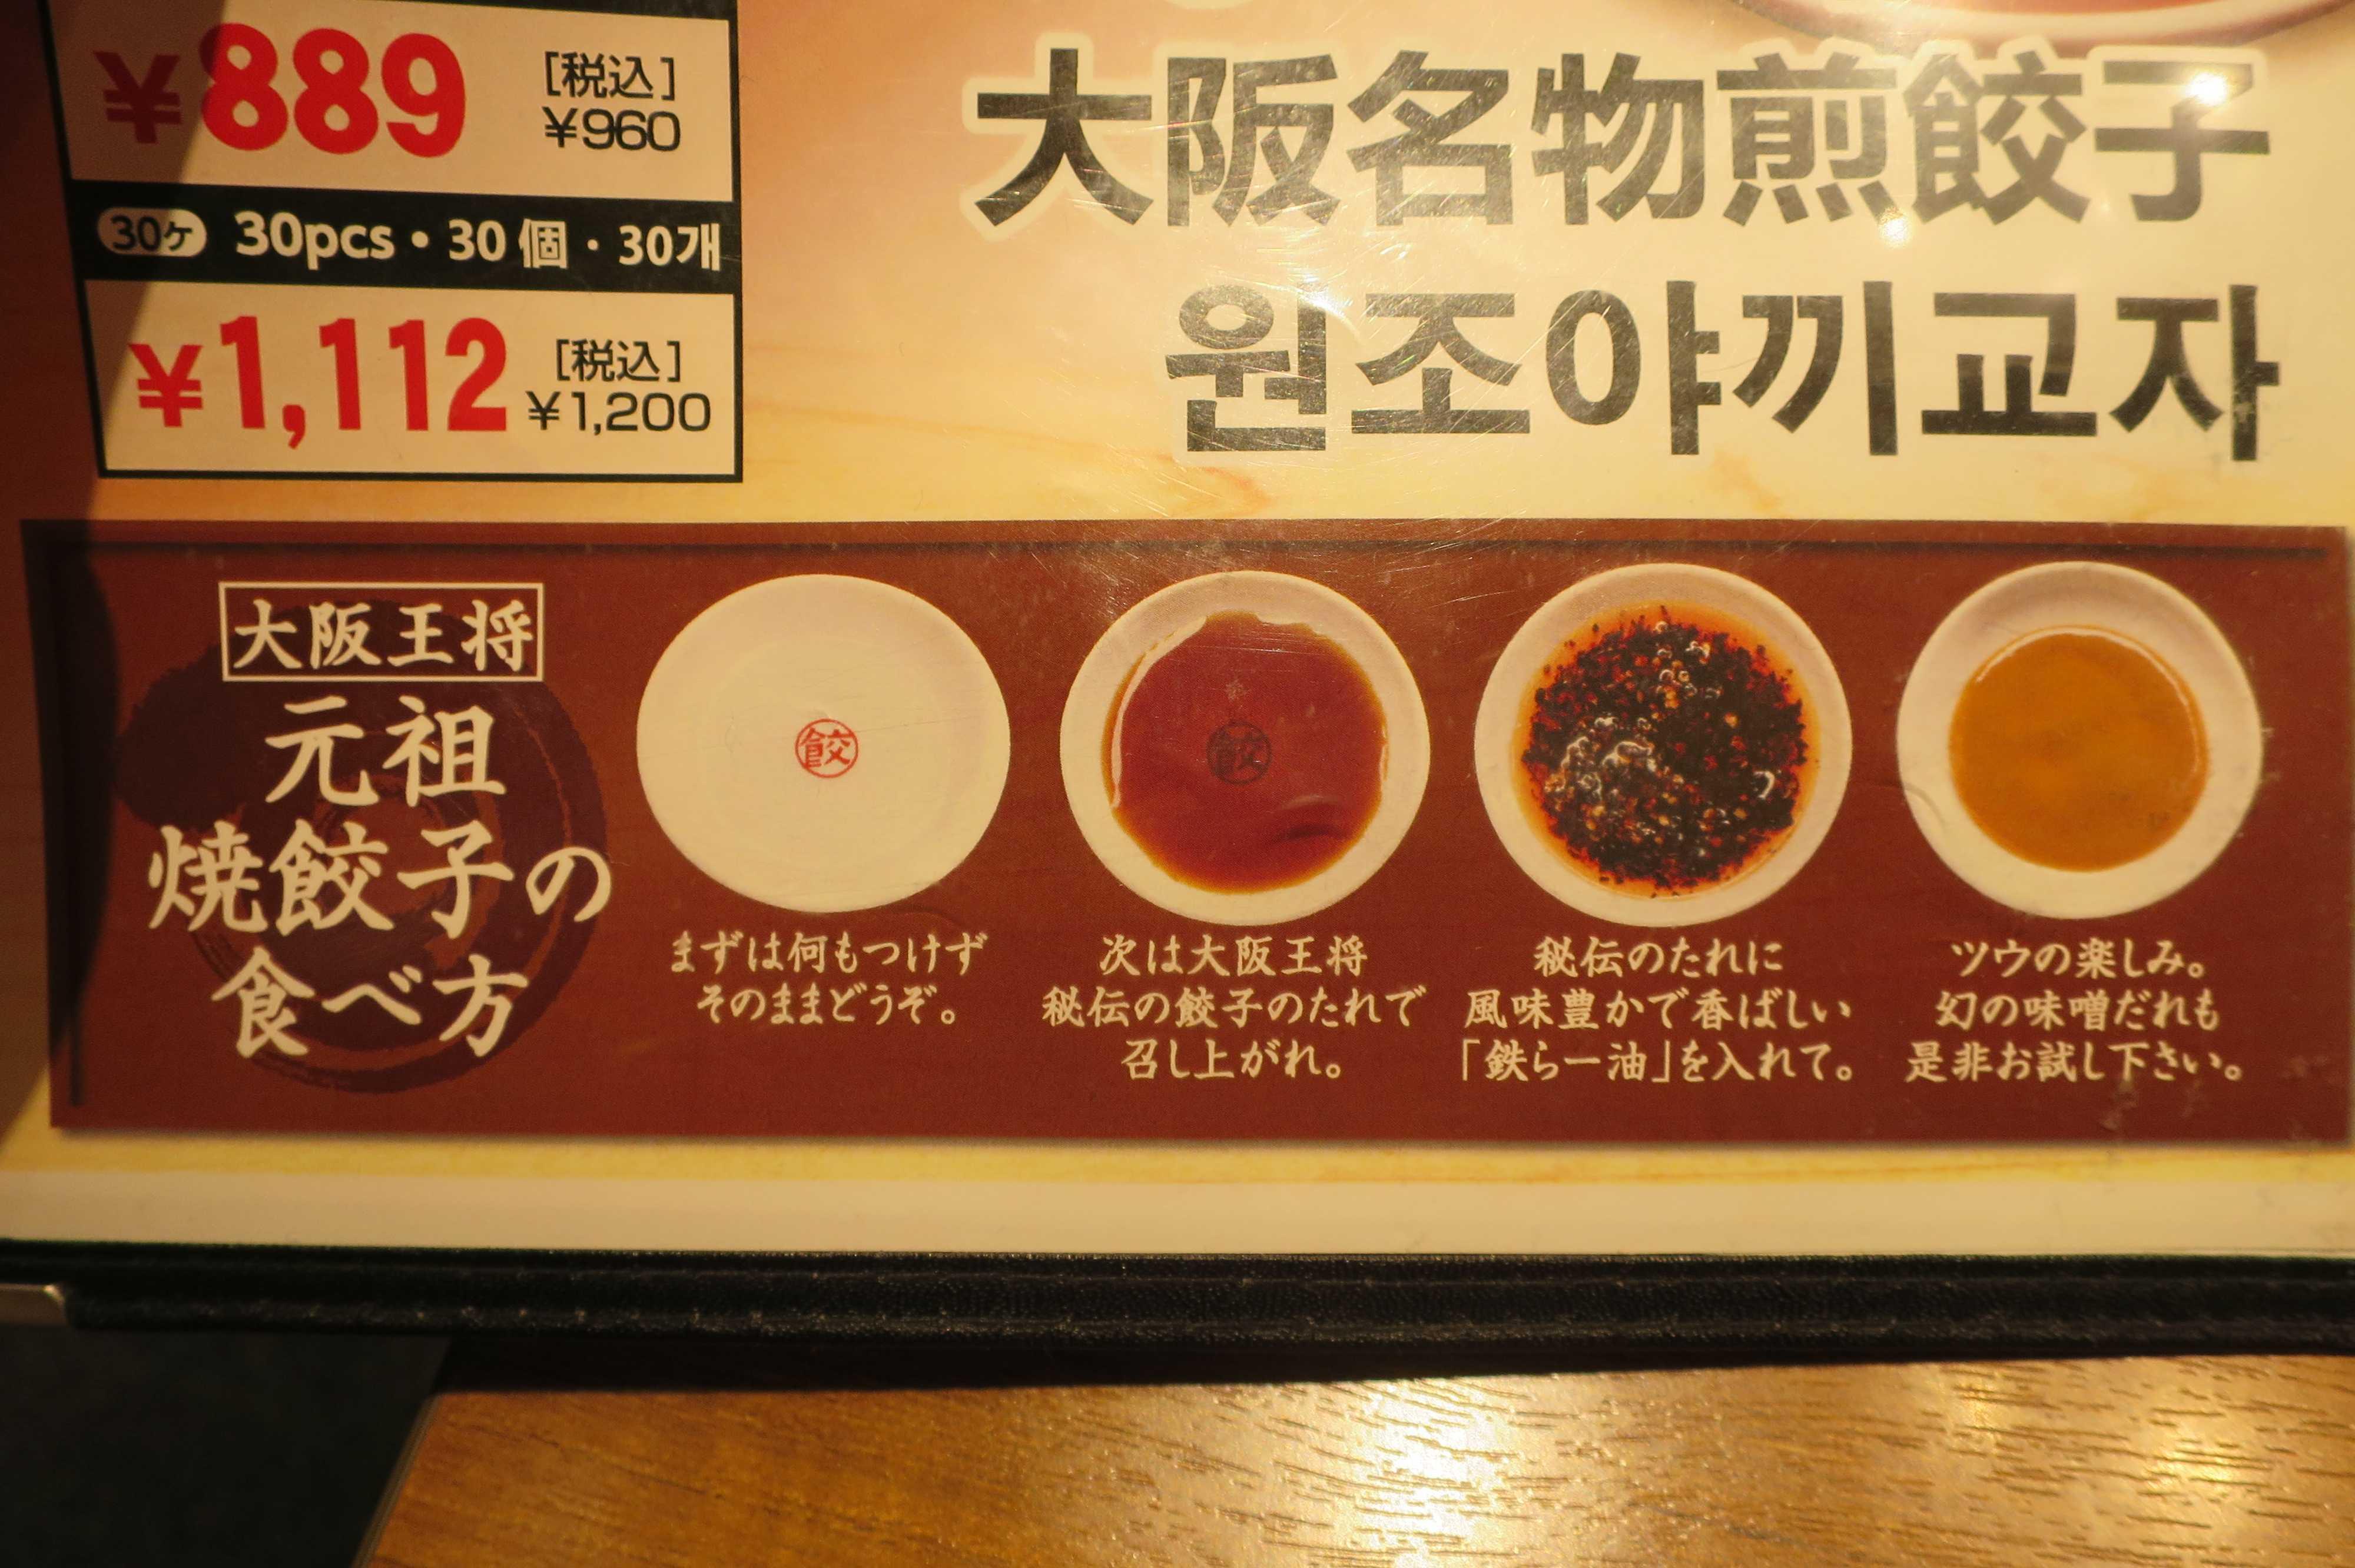 大阪王将 元祖焼餃子の食べ方